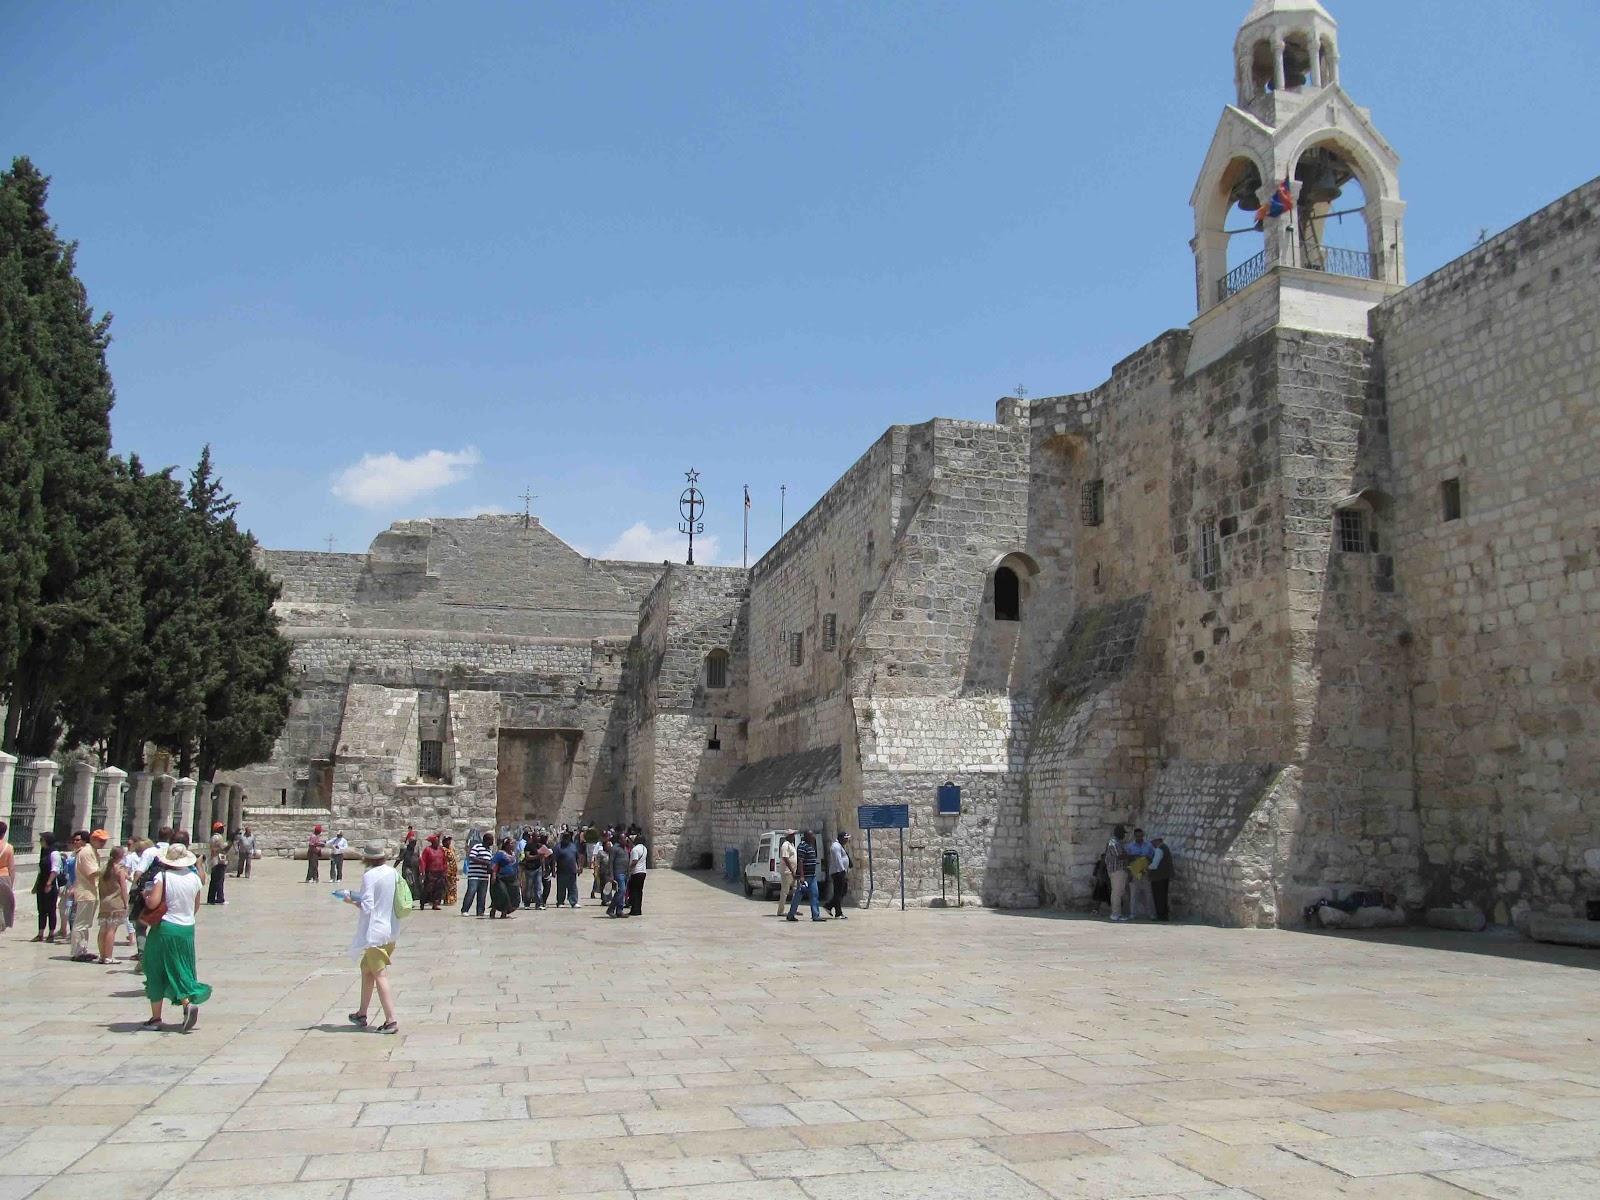 La Basílica de la Natividad en Belén – Primeros Cristianos